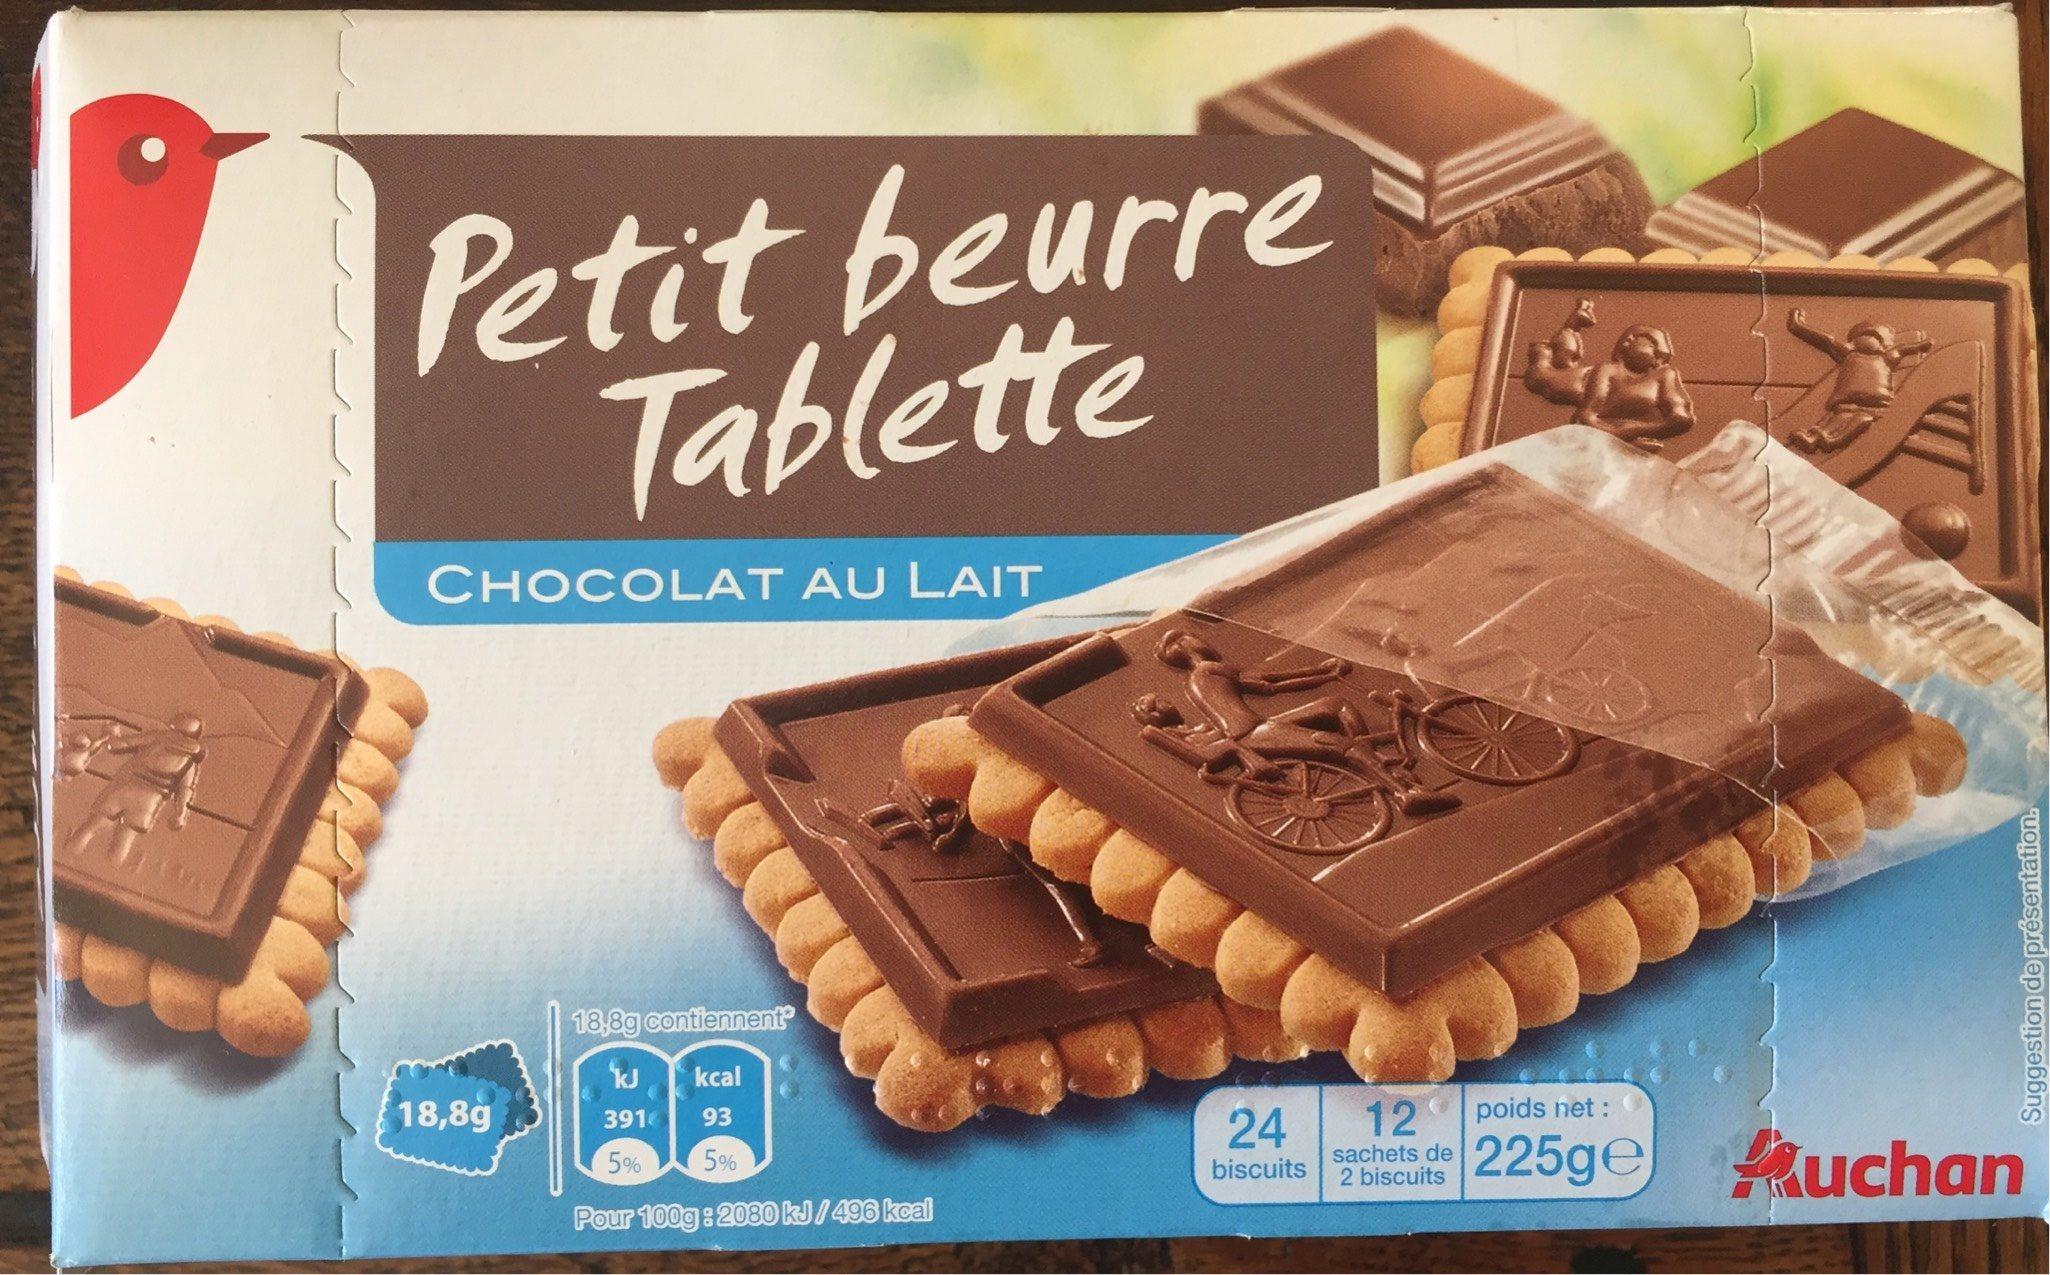 Petit beurre tablette pocket - Produit - fr